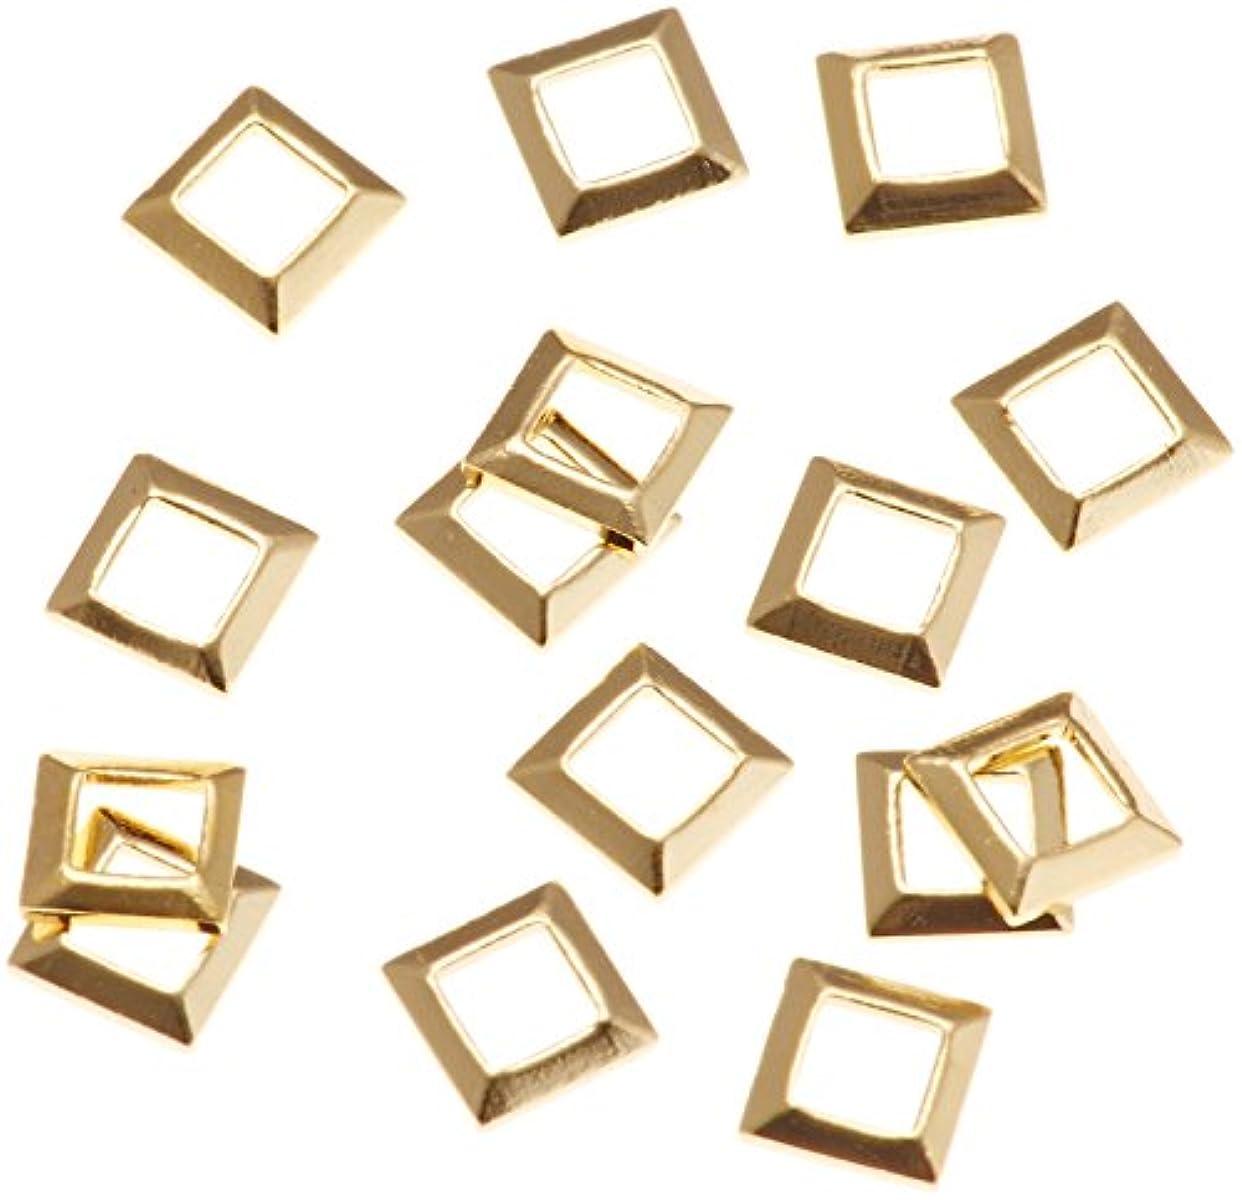 計器あごひげしなければならないリトルプリティー ネイルアートパーツ スクエア スカシ ゴールド 50個